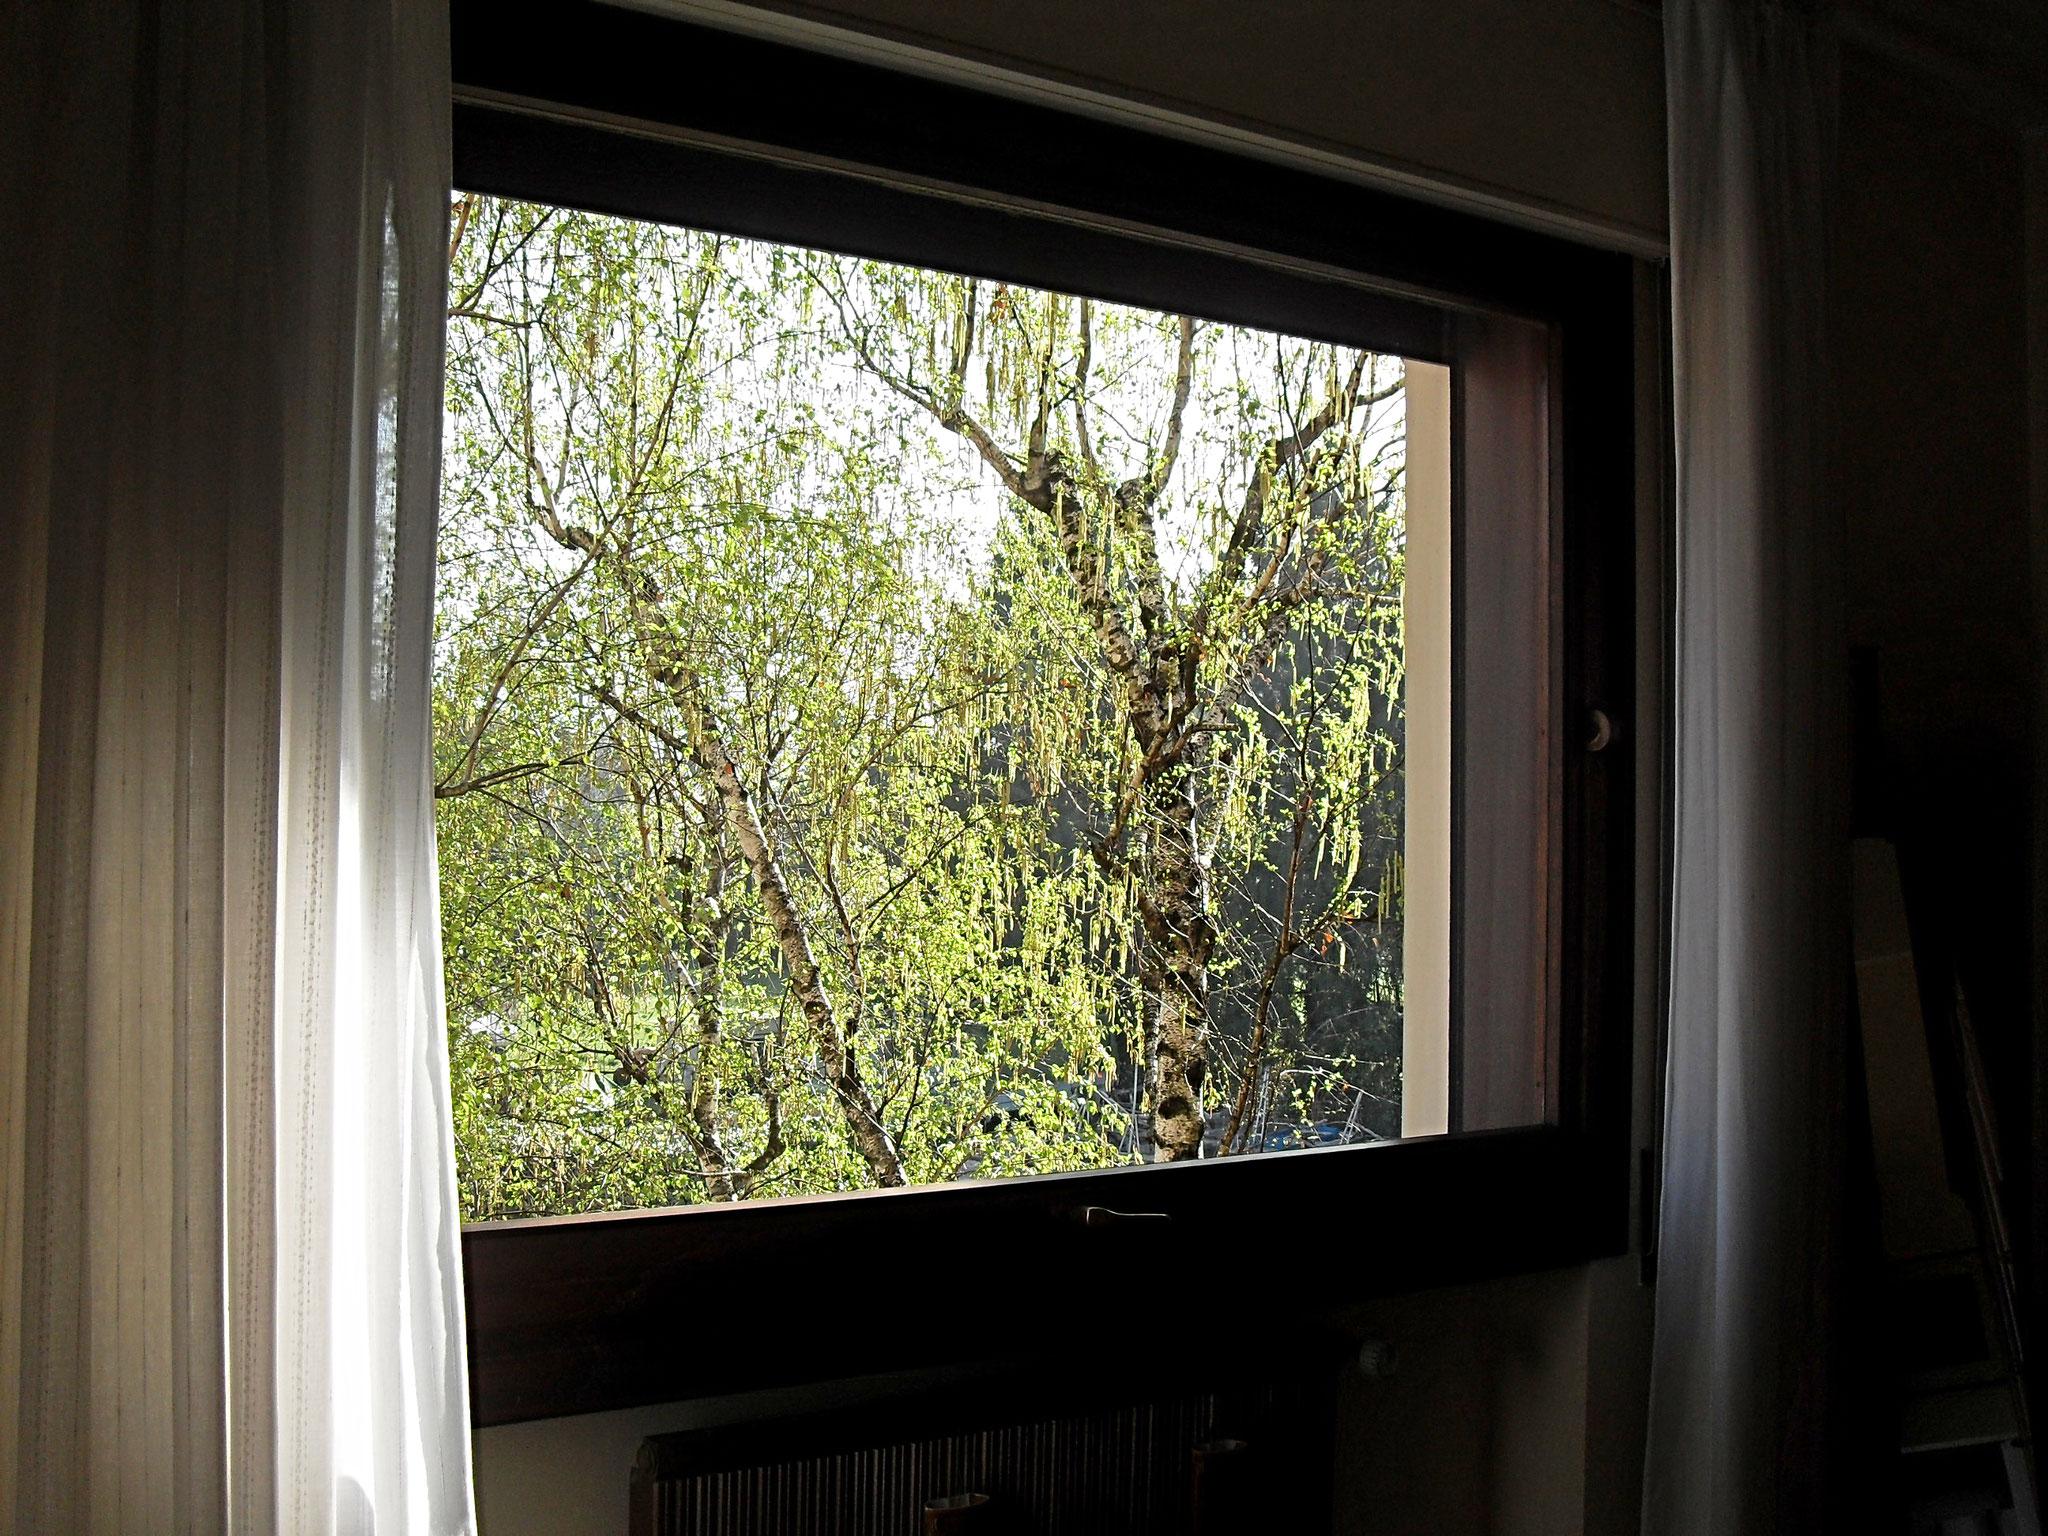 Schlafzimmer: Fenster. Am Morgen ist es schön, mit dem Vogelgesang aufzuwachen!